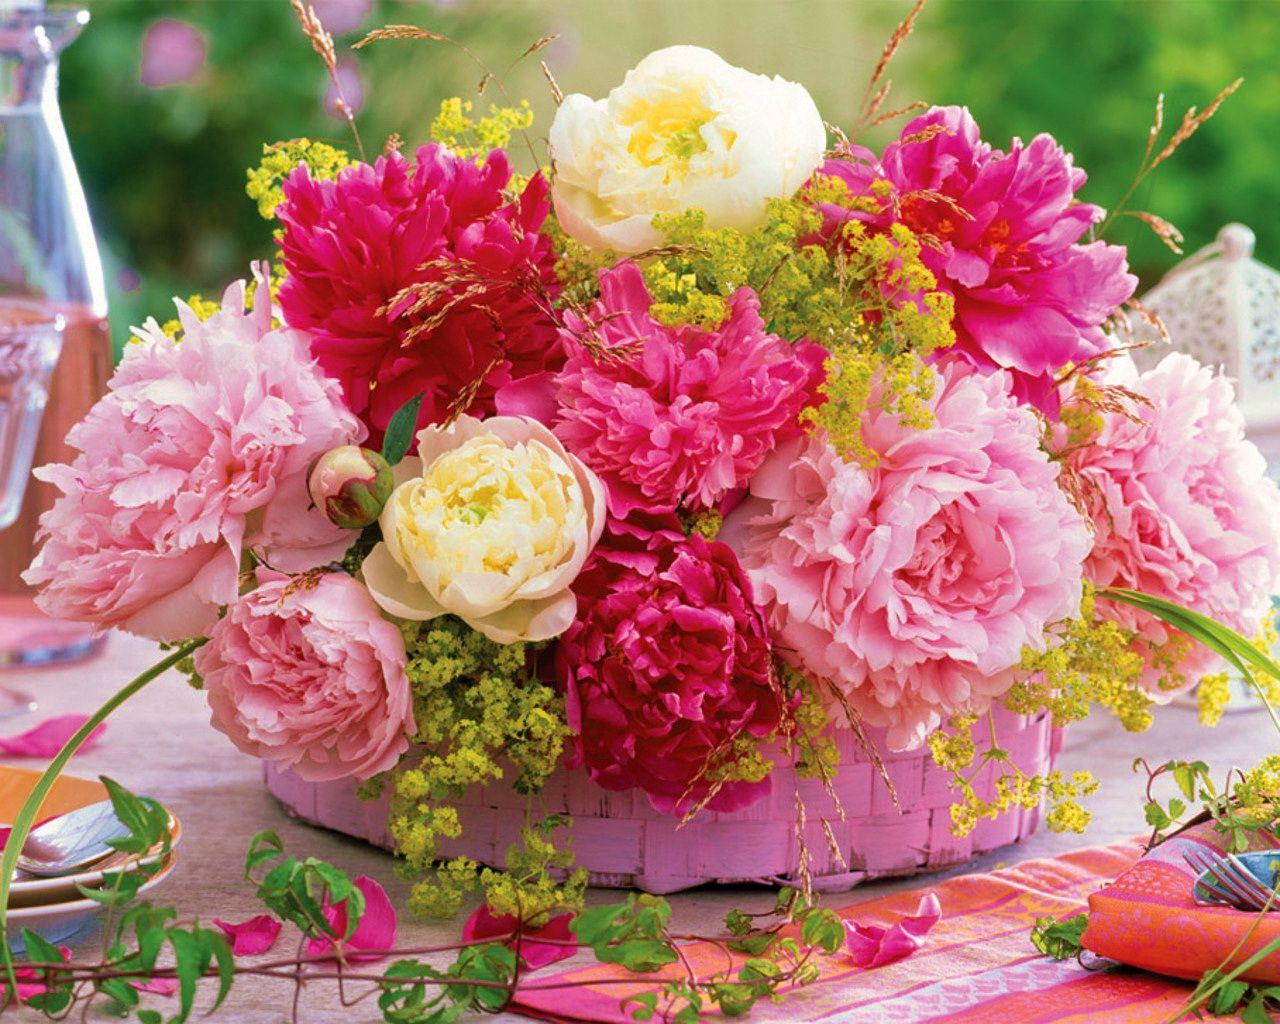 112114 скачать обои Пионы, Цветы, Стол, Корзинка, Сервировка - заставки и картинки бесплатно